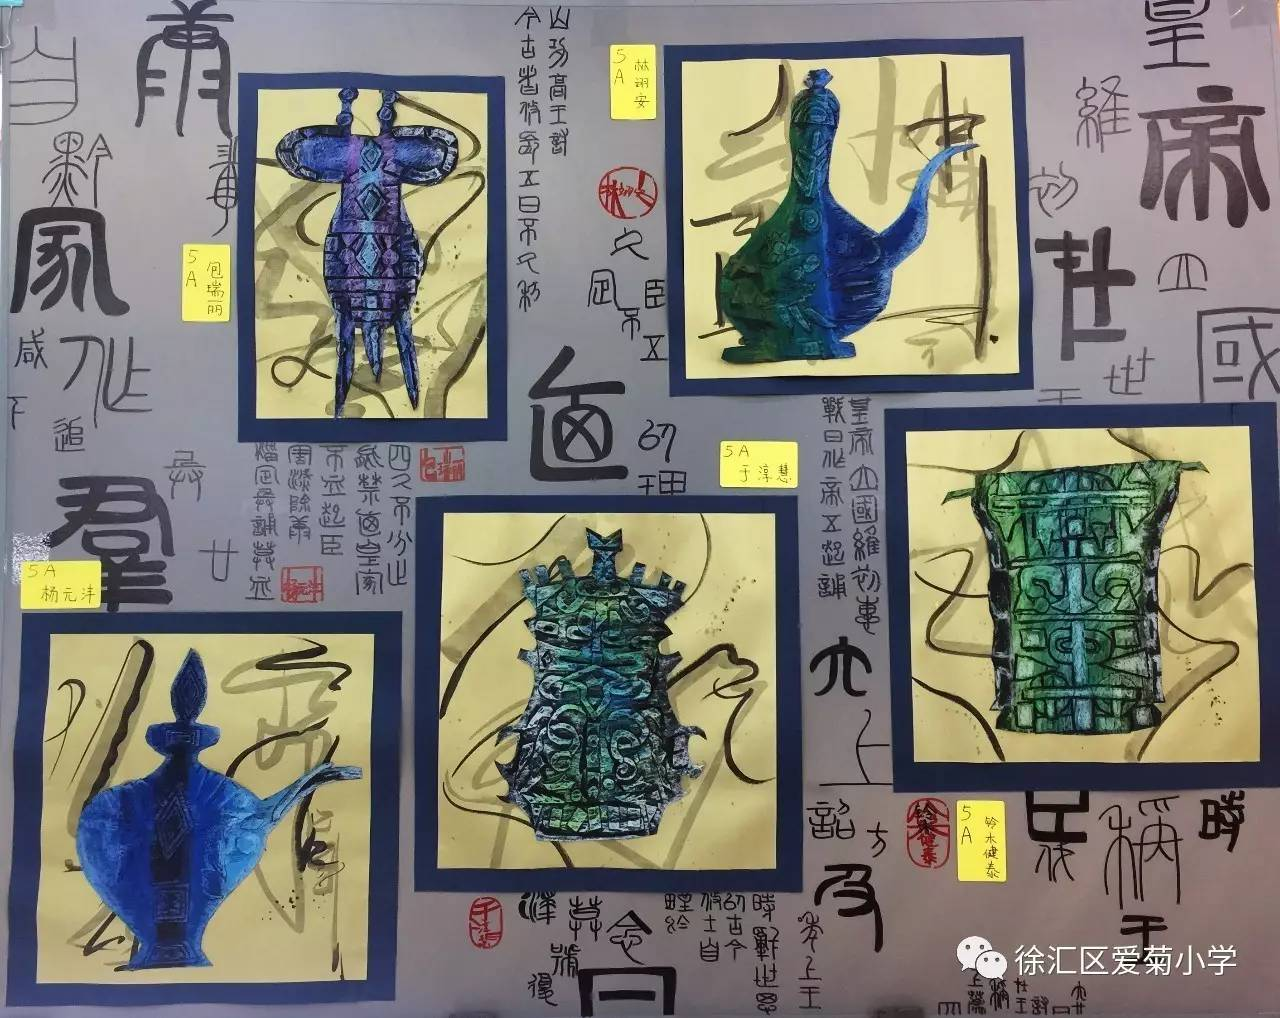 七彩童年丨爱菊小学五年级美术班毕业画展